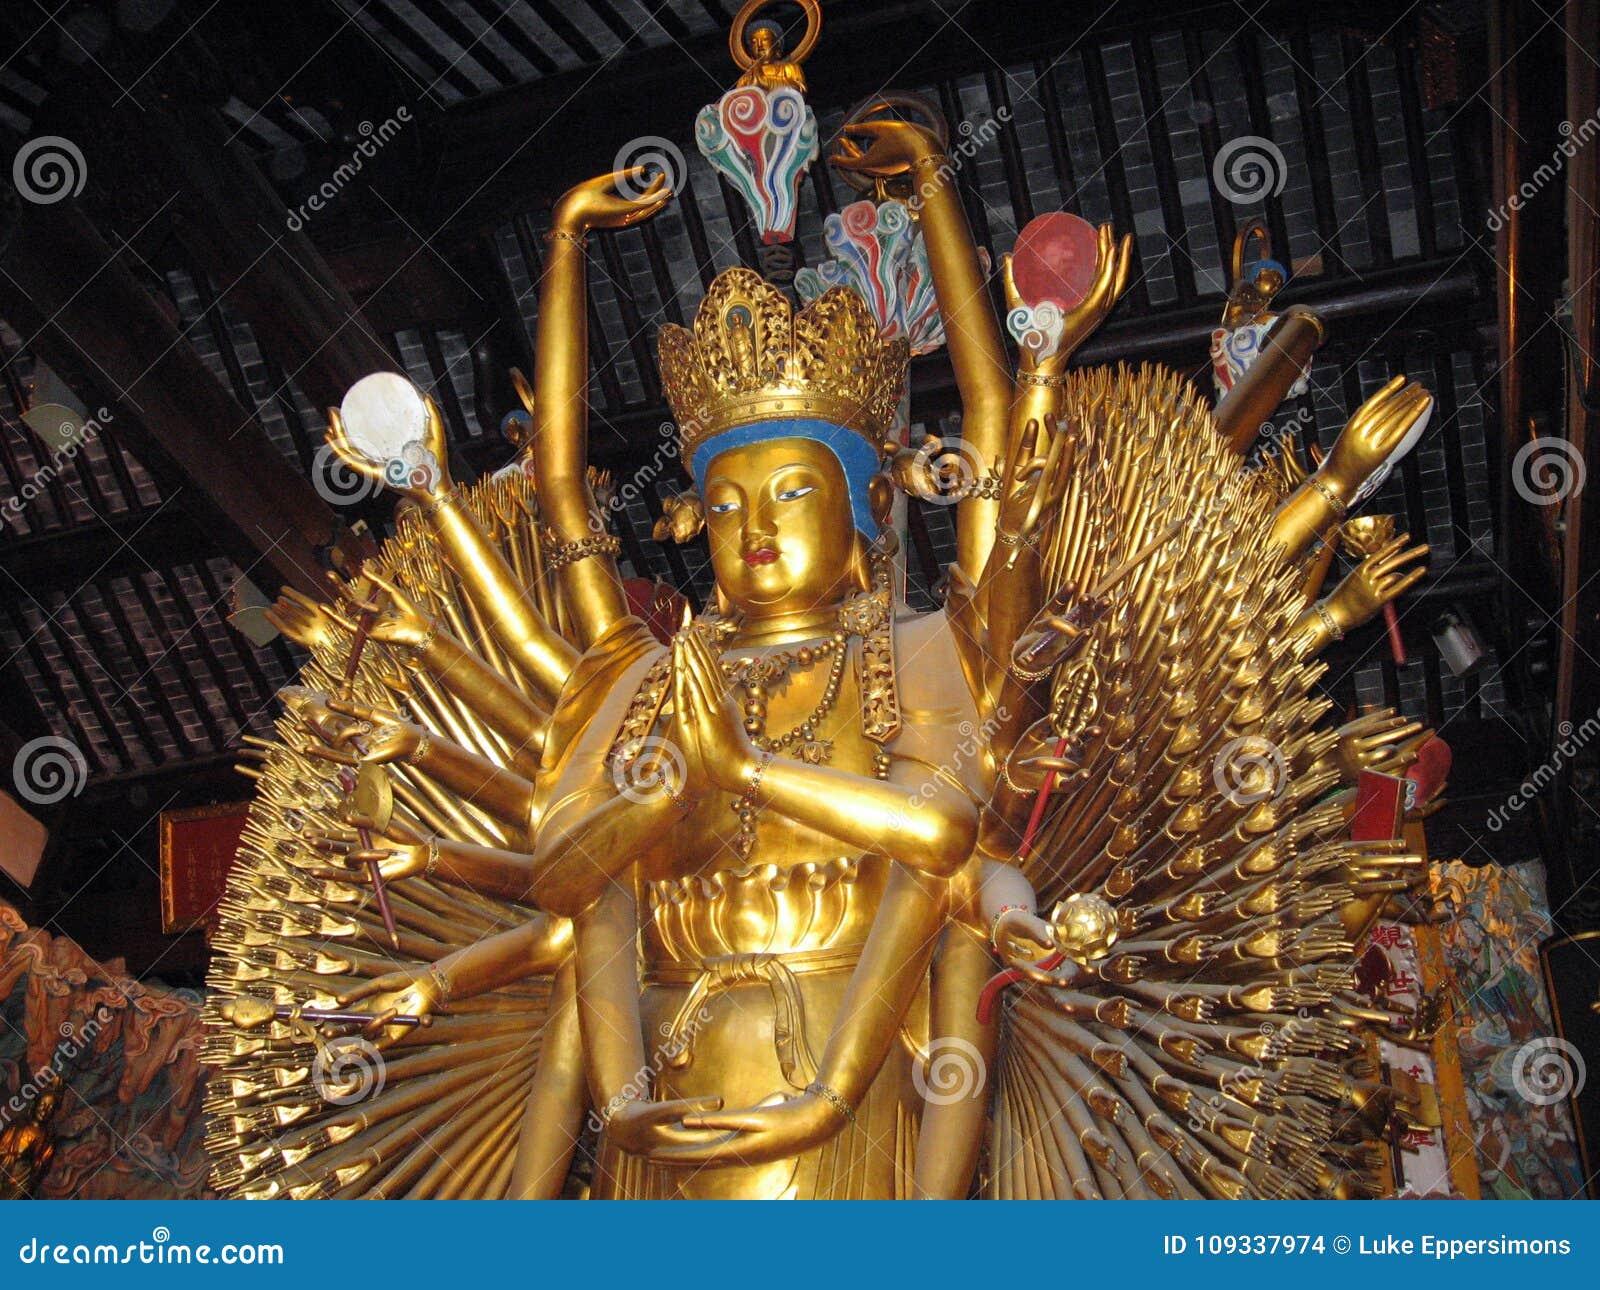 Gold Hindu goddess statue